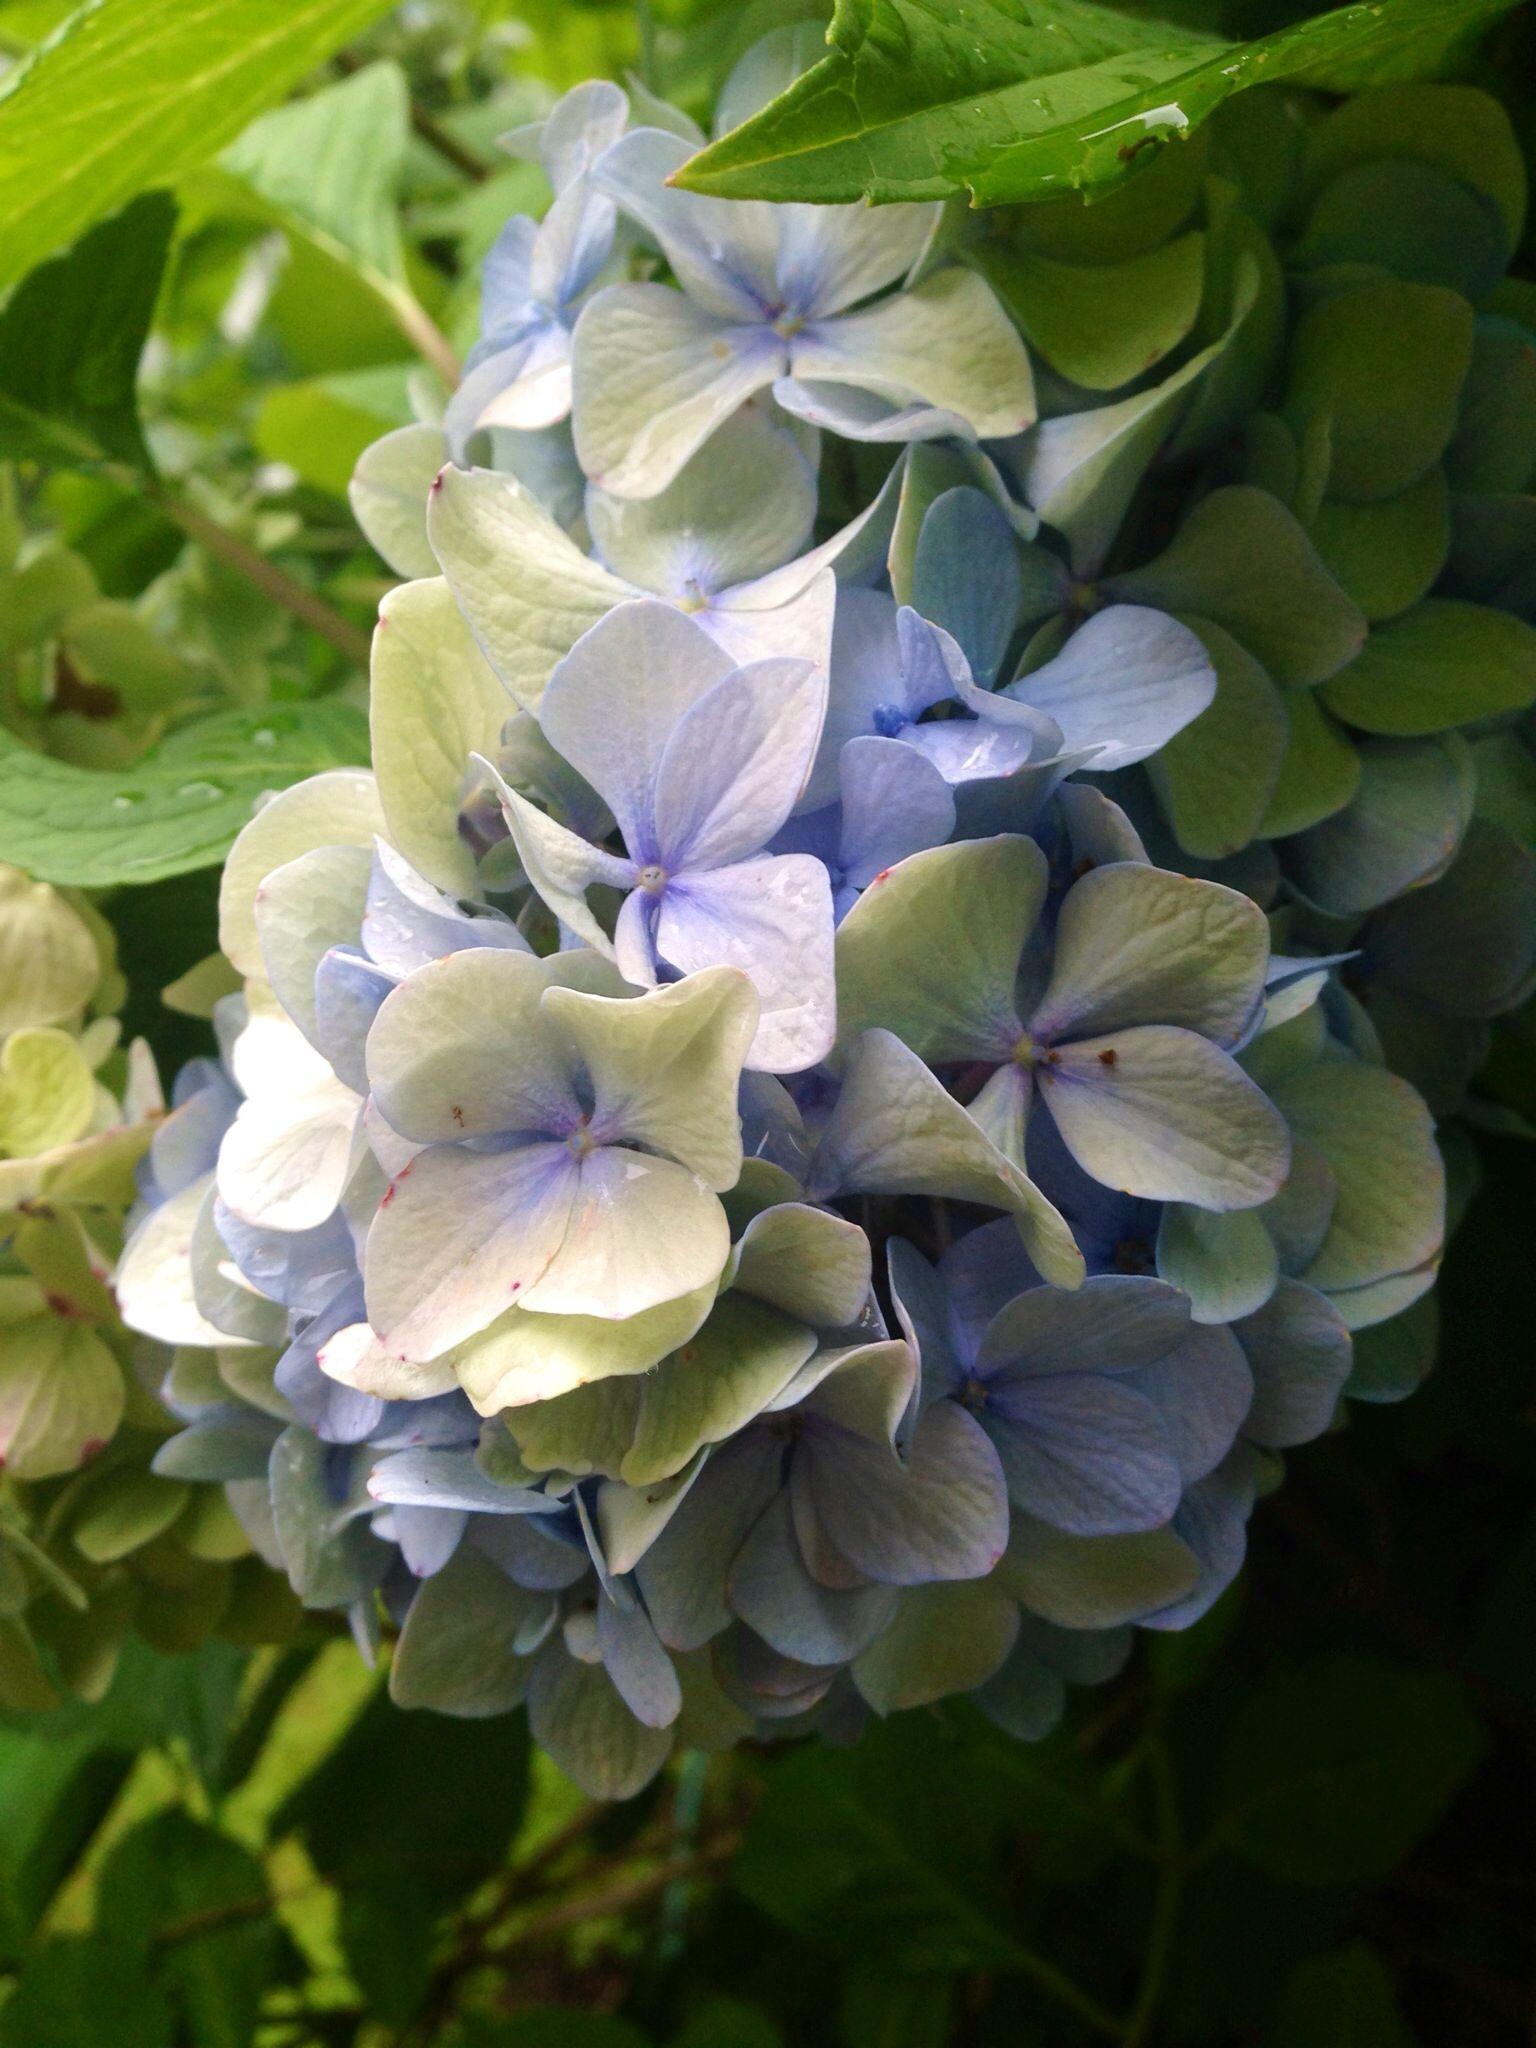 Summer Hydrangea. Photo by Jennie Nelson